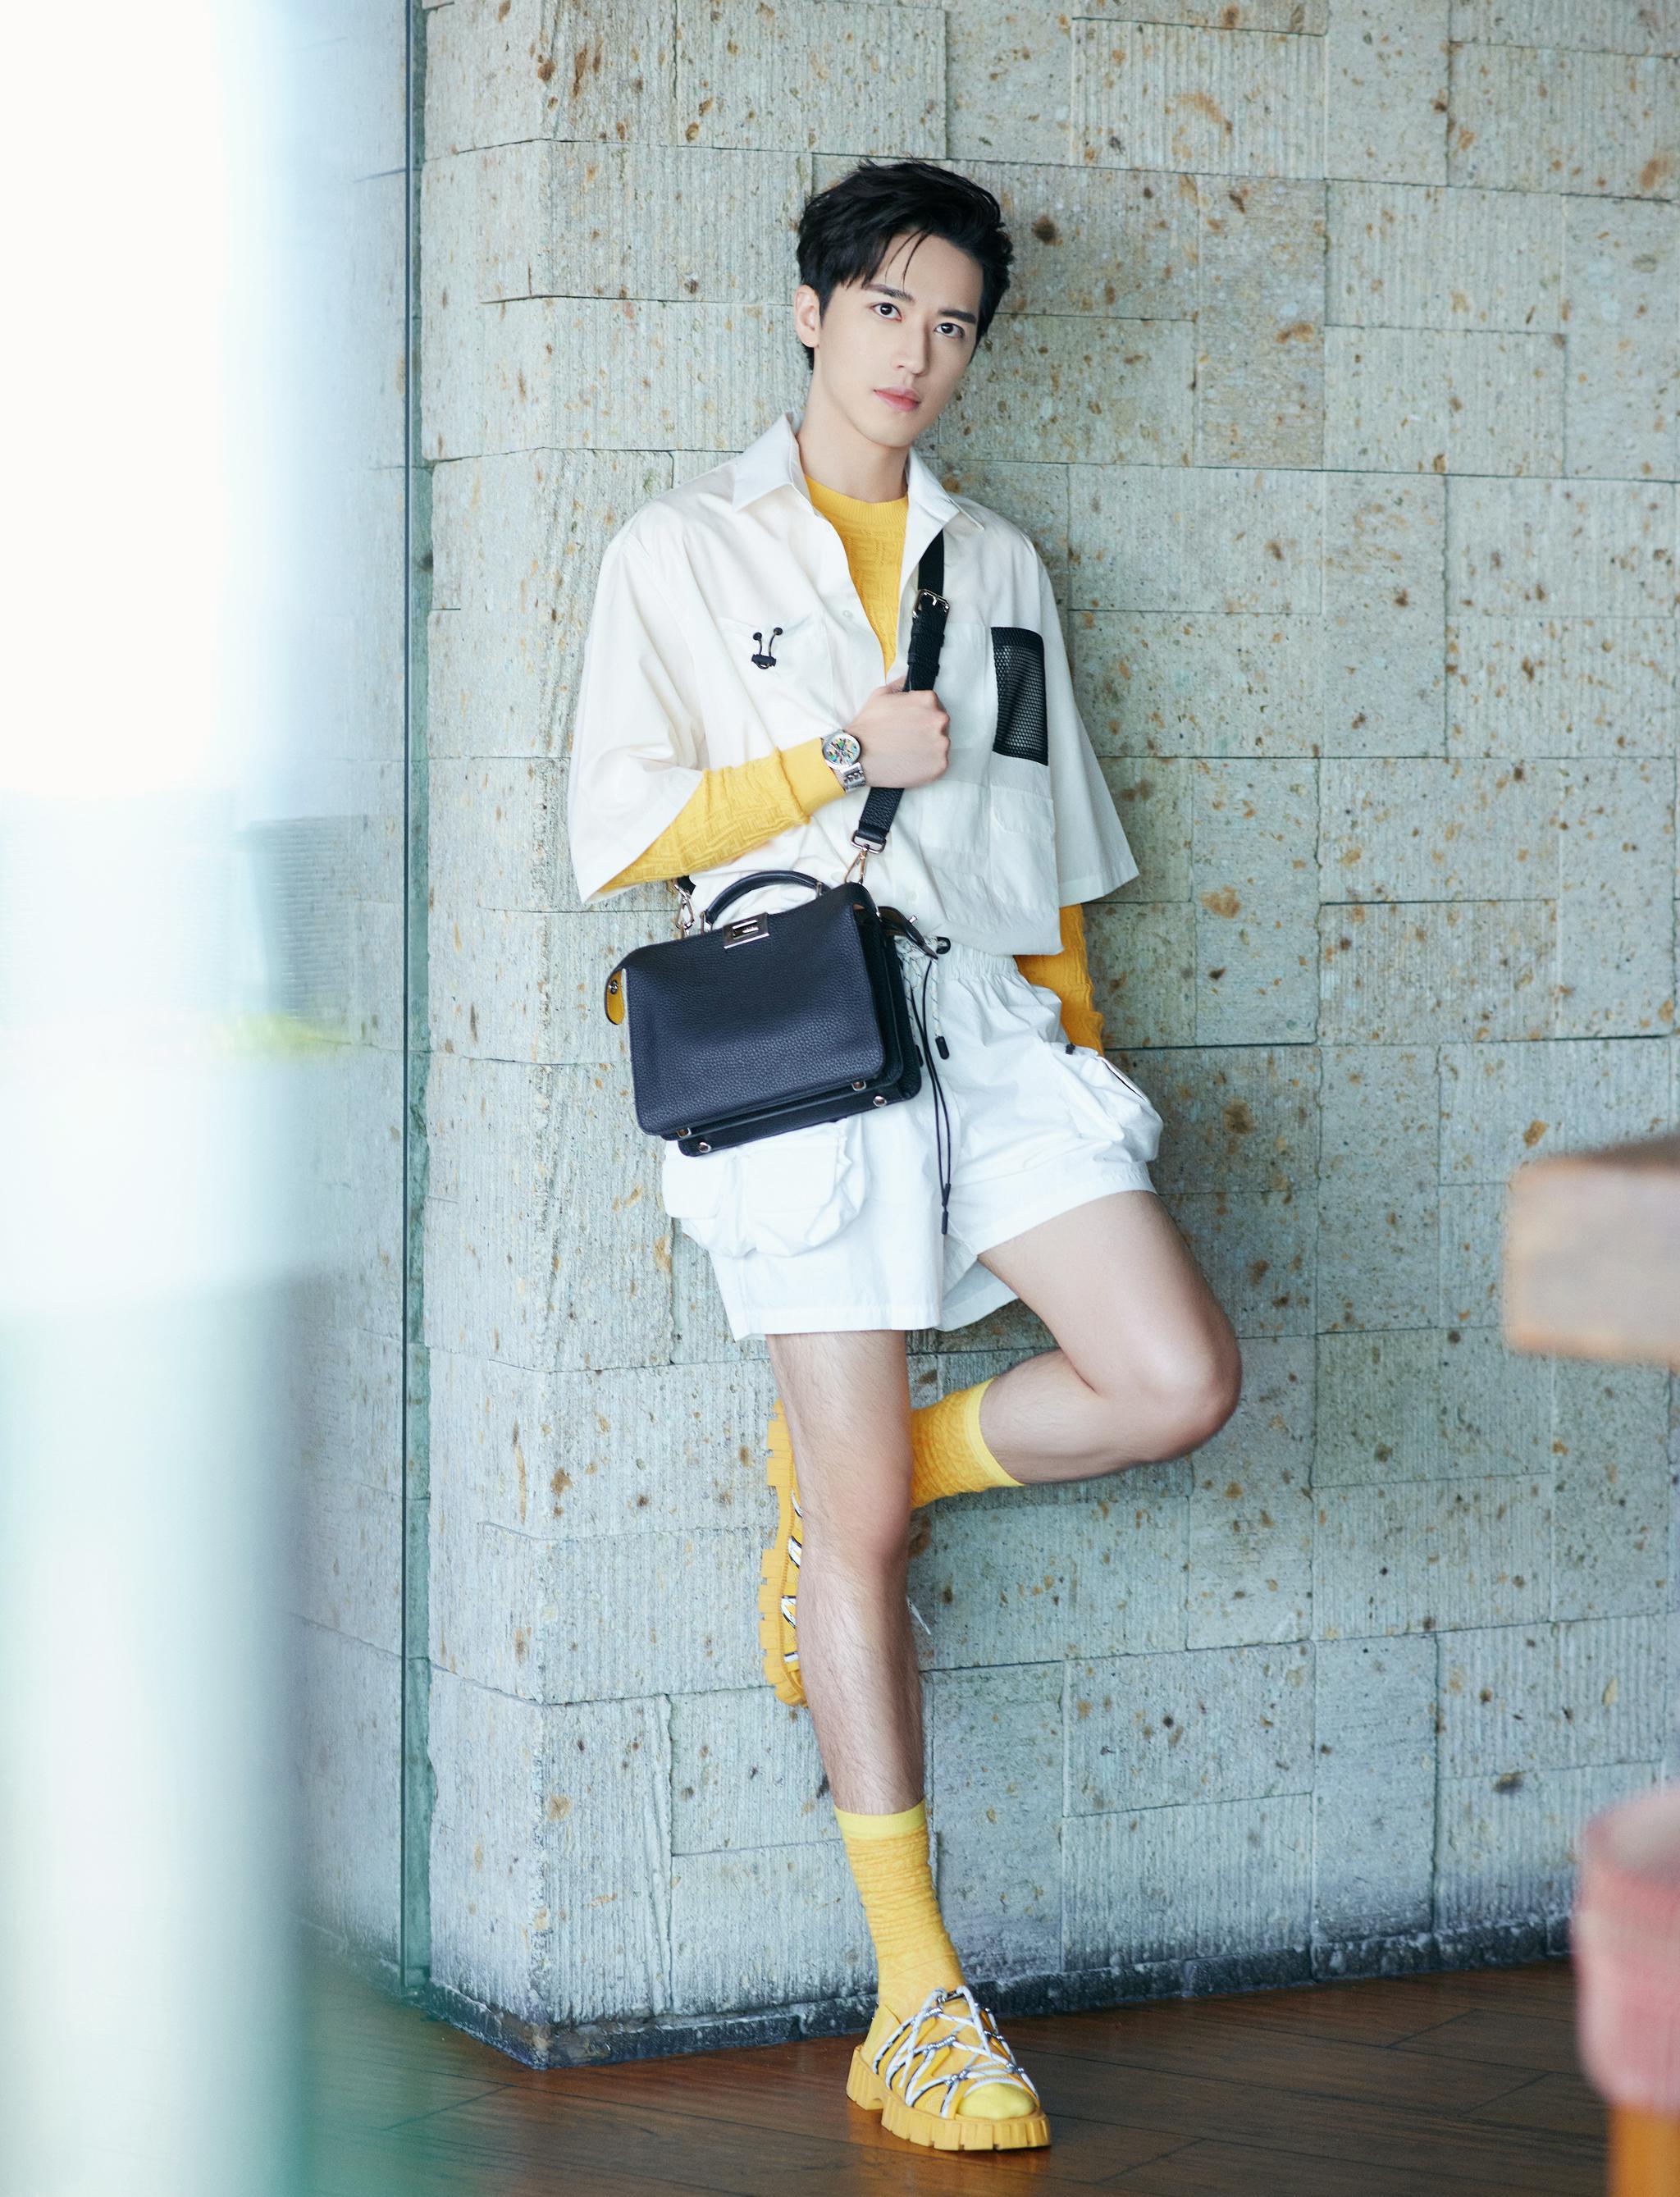 现身上海活动,短裤搭配长袜更显腿长……